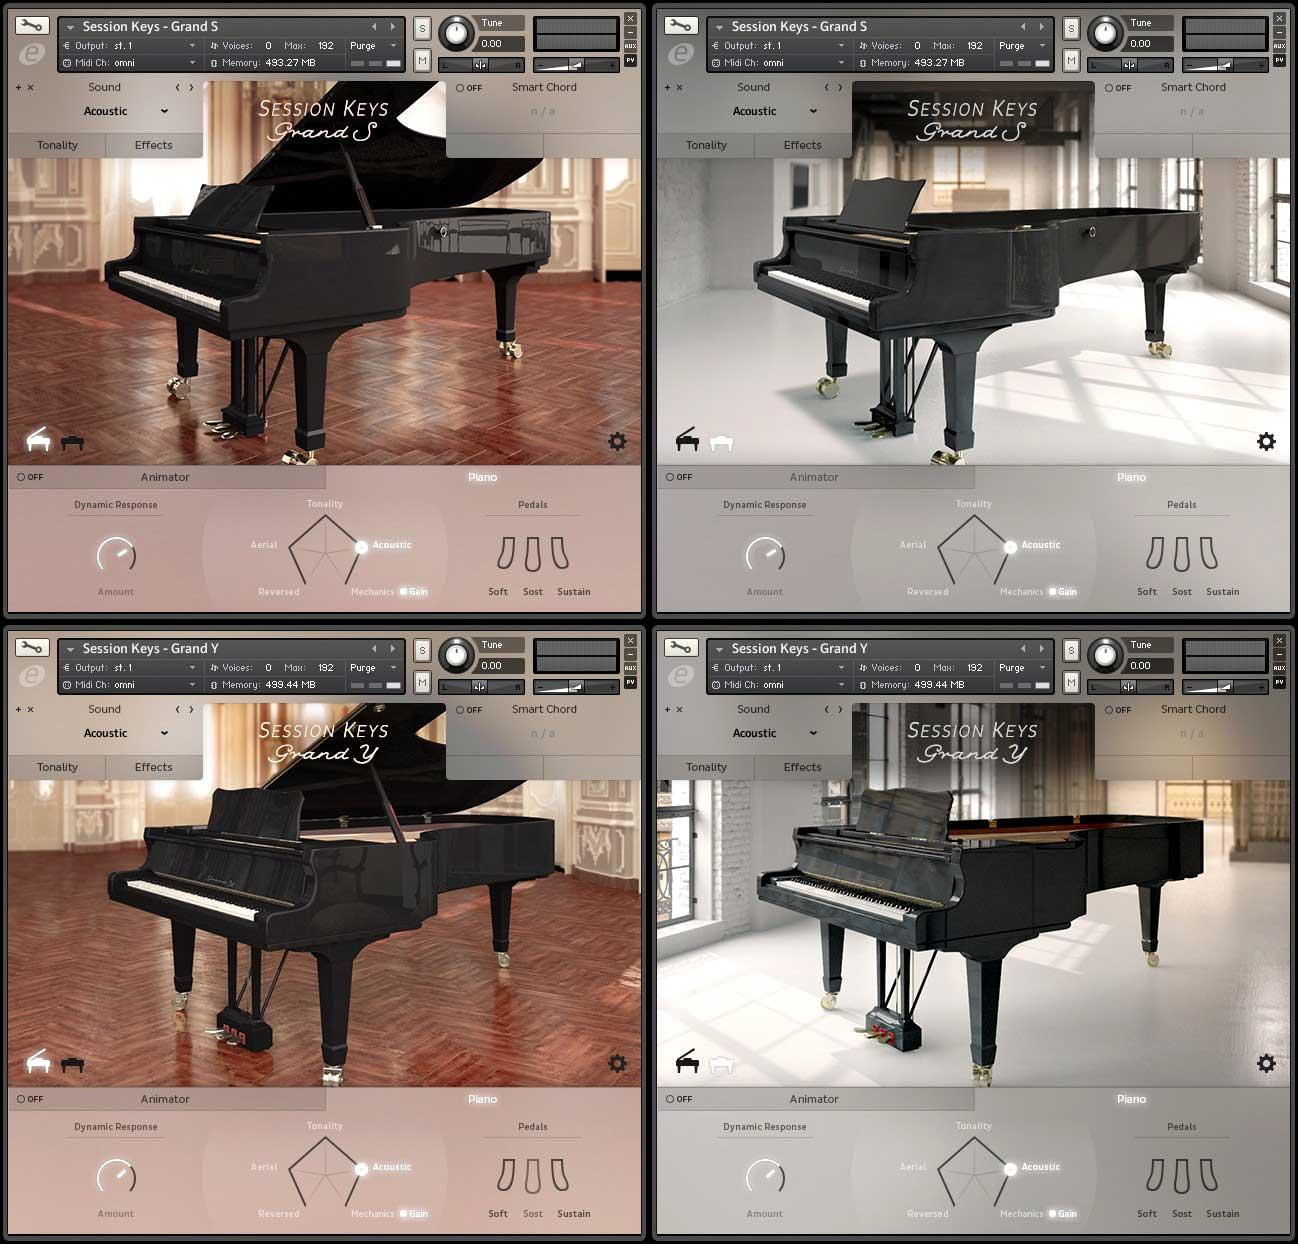 خرید اینترنتی وی اس تی کنسرت گرند پیانو یاماها E-Instruments Session Keys Grand Y